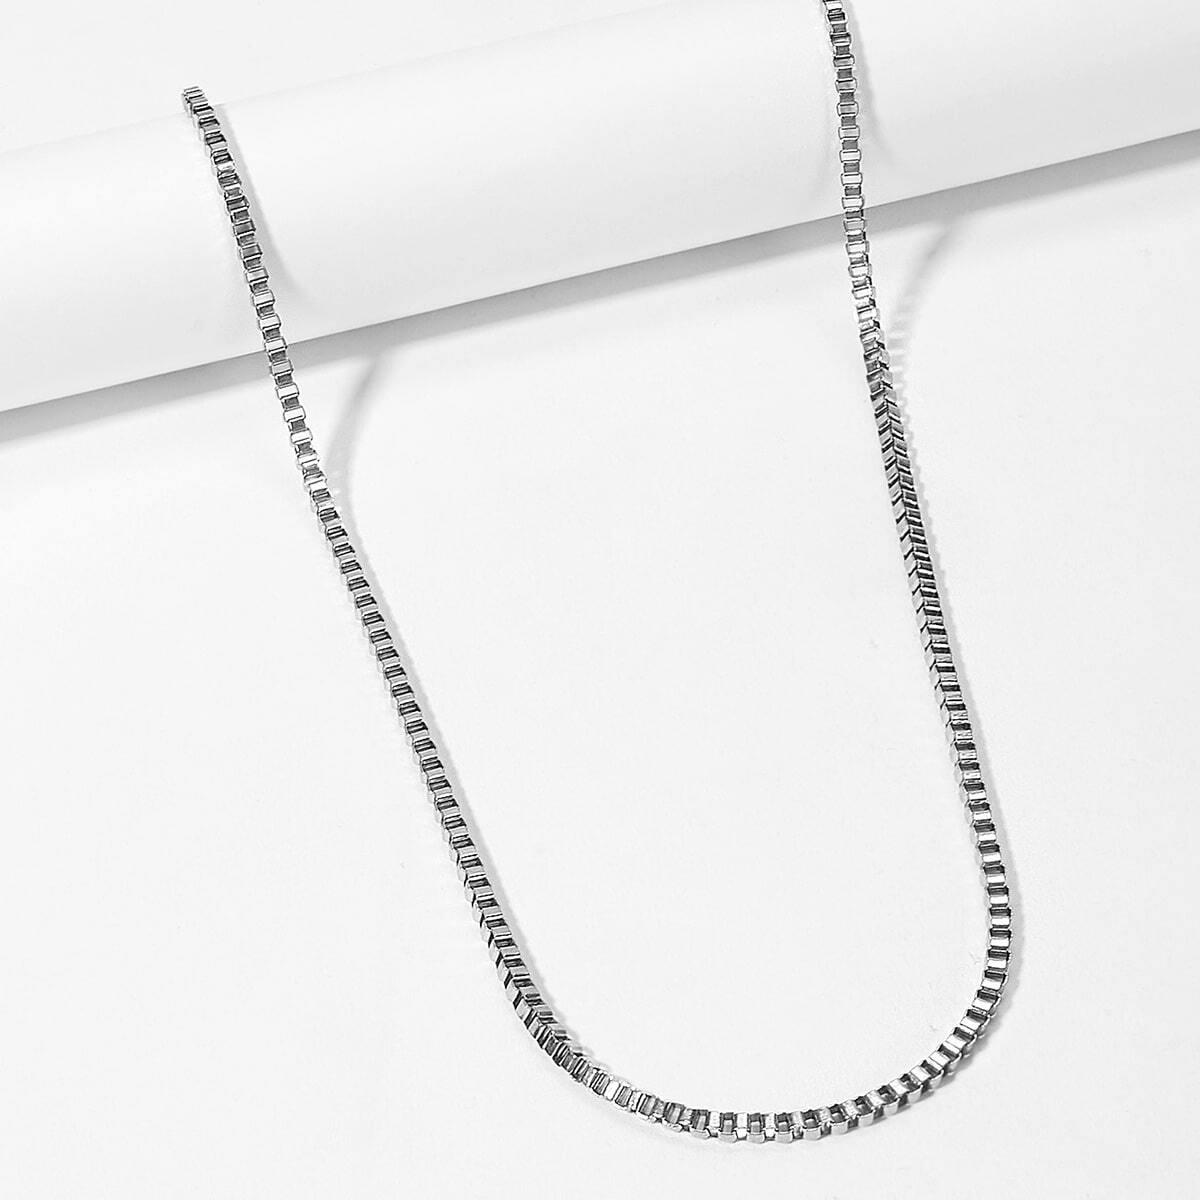 Мужское металлическое ожерелье с подвеской в форме волны от SHEIN